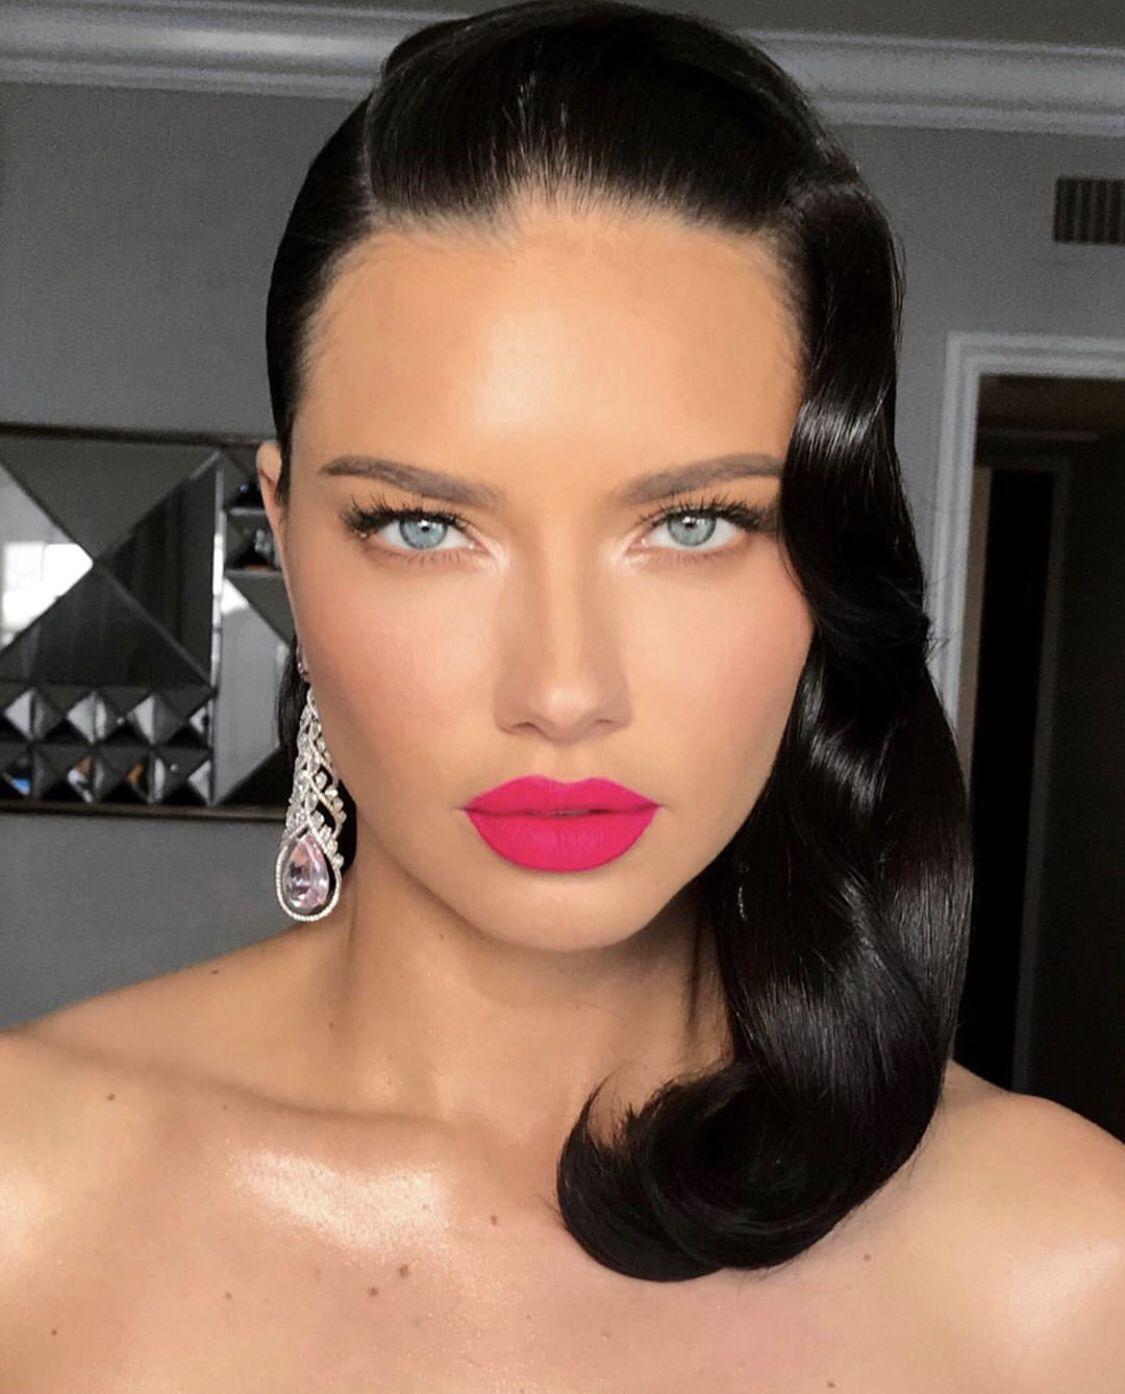 Pin by Angeles Juarez on Makeup Pink lips makeup